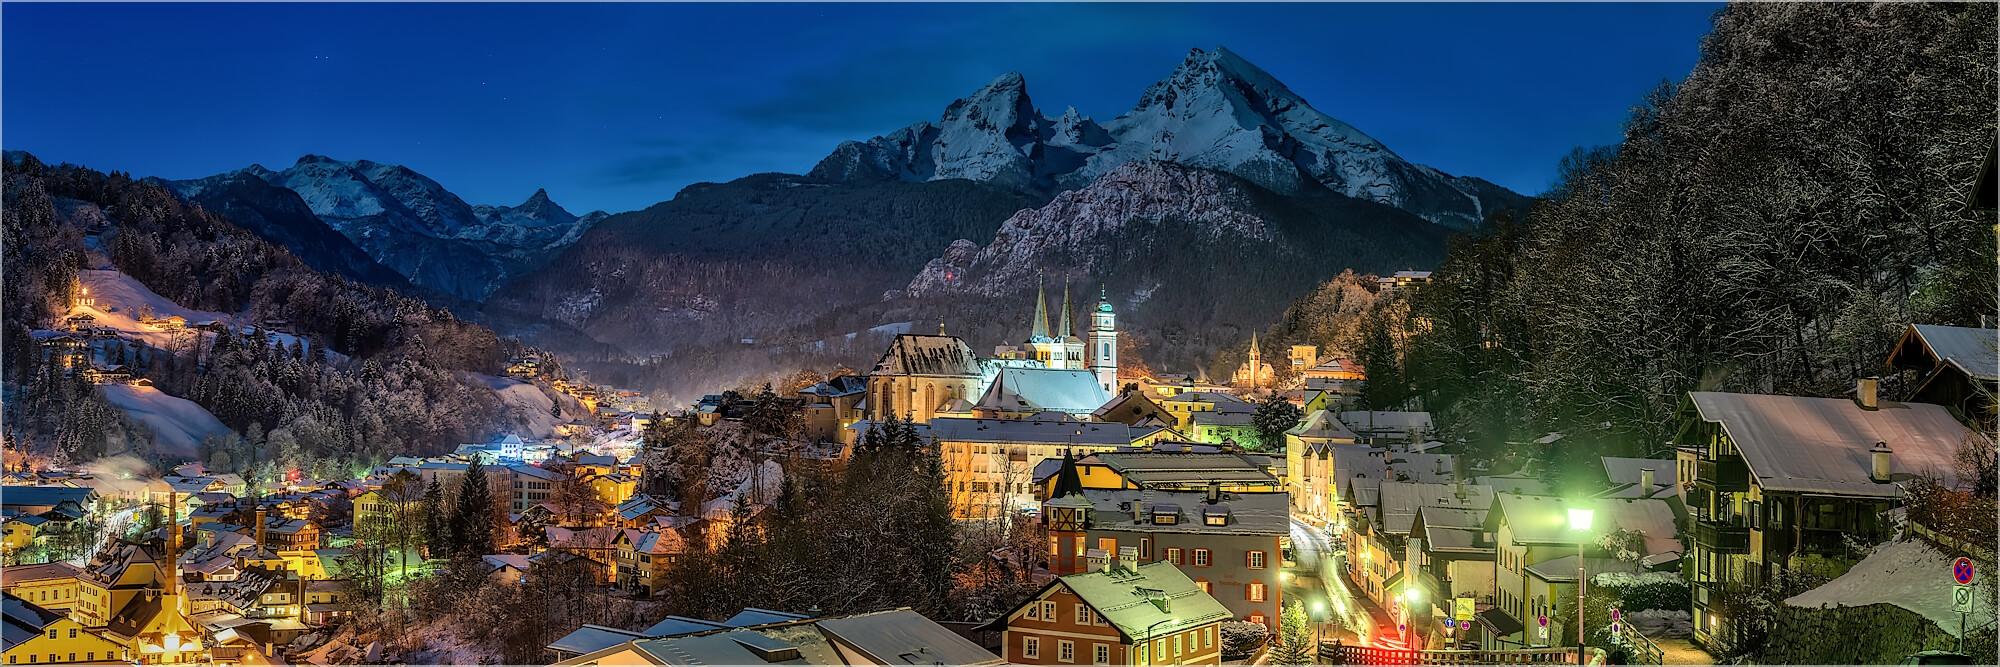 Panoramabild Berchtesgaden und Watzmann bei Nacht